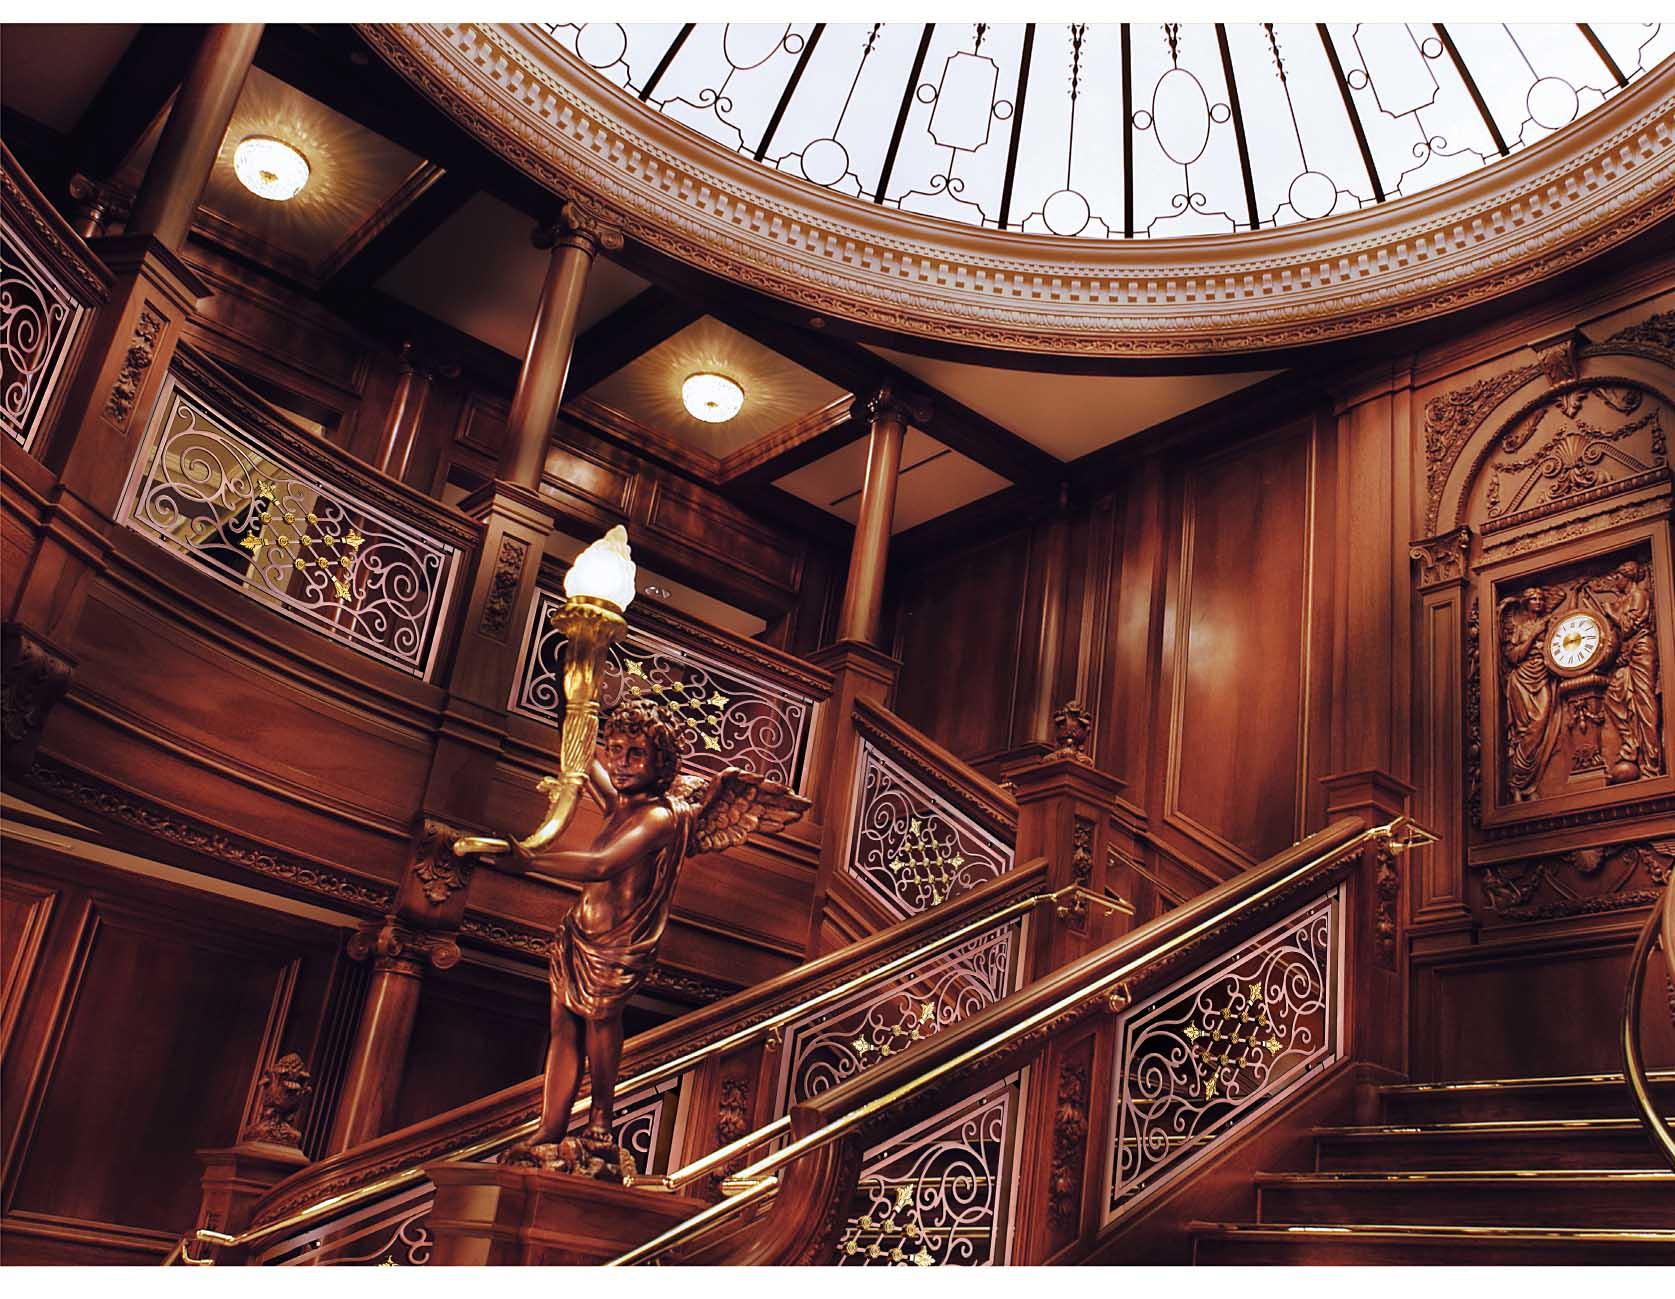 JLA006玫瑰公馆/楼梯护栏/铜艺楼梯/酒店楼梯护栏